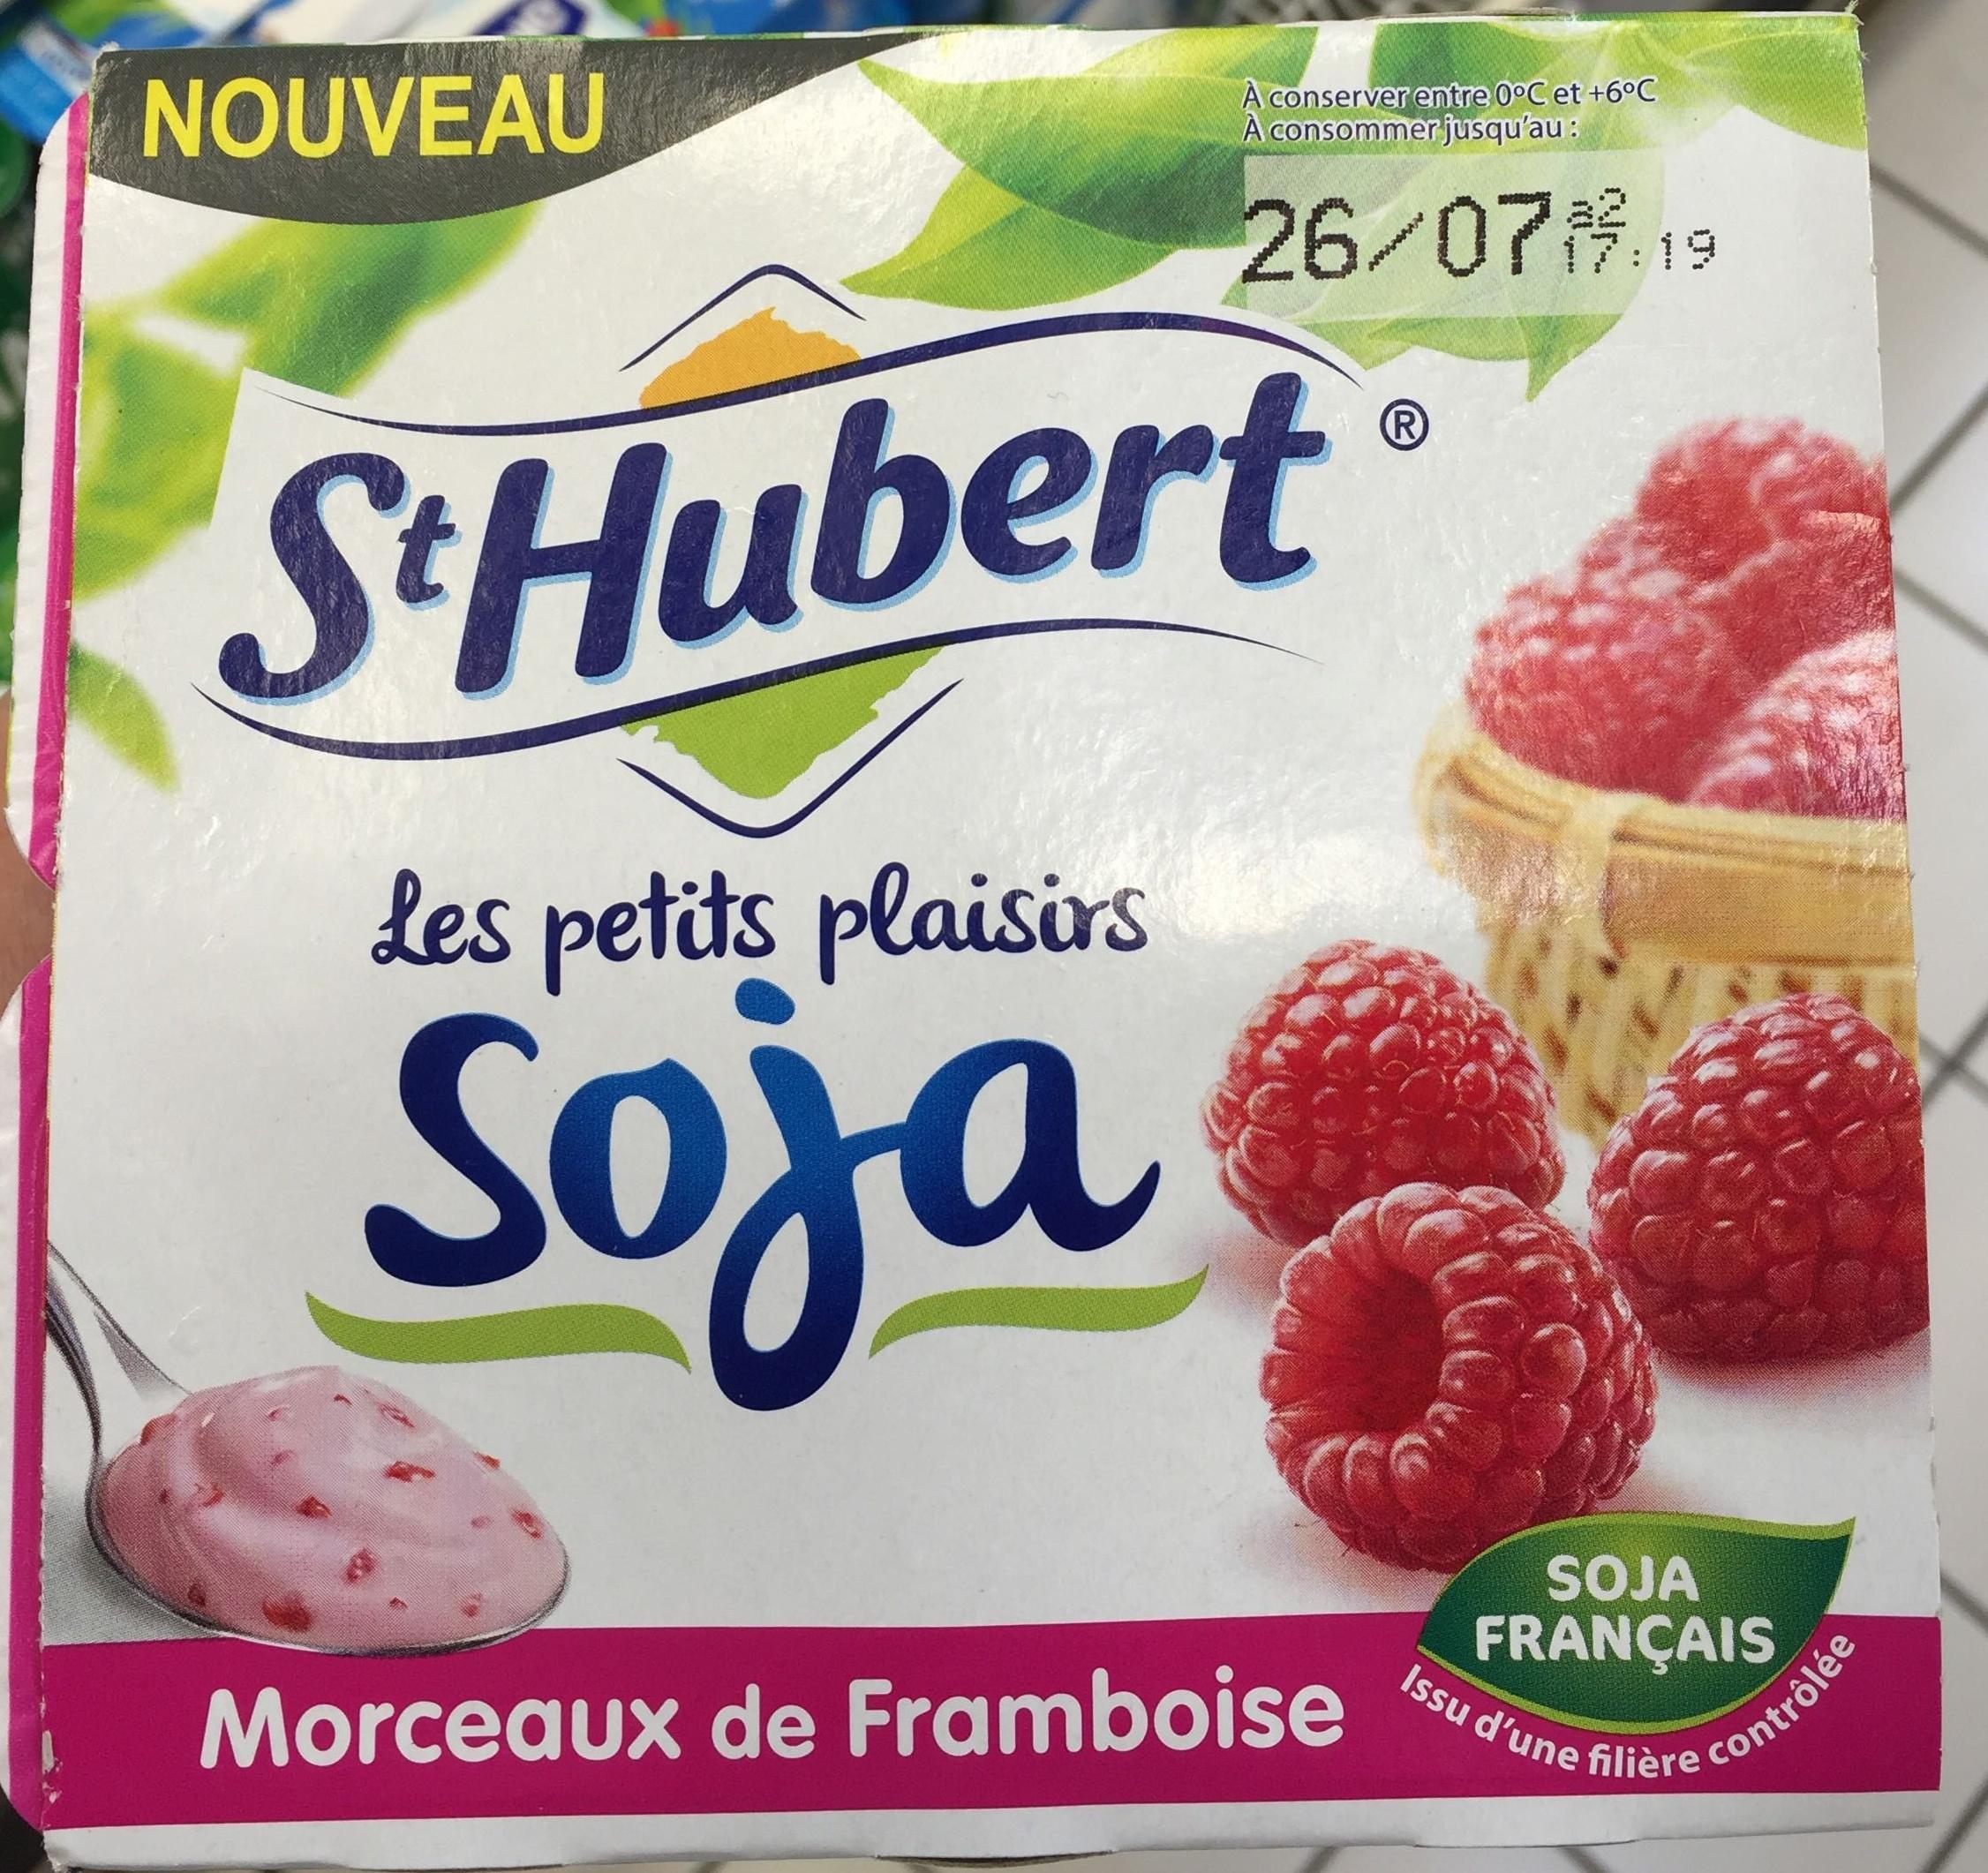 Les petits plaisirs Soja Morceaux de Framboise - Product